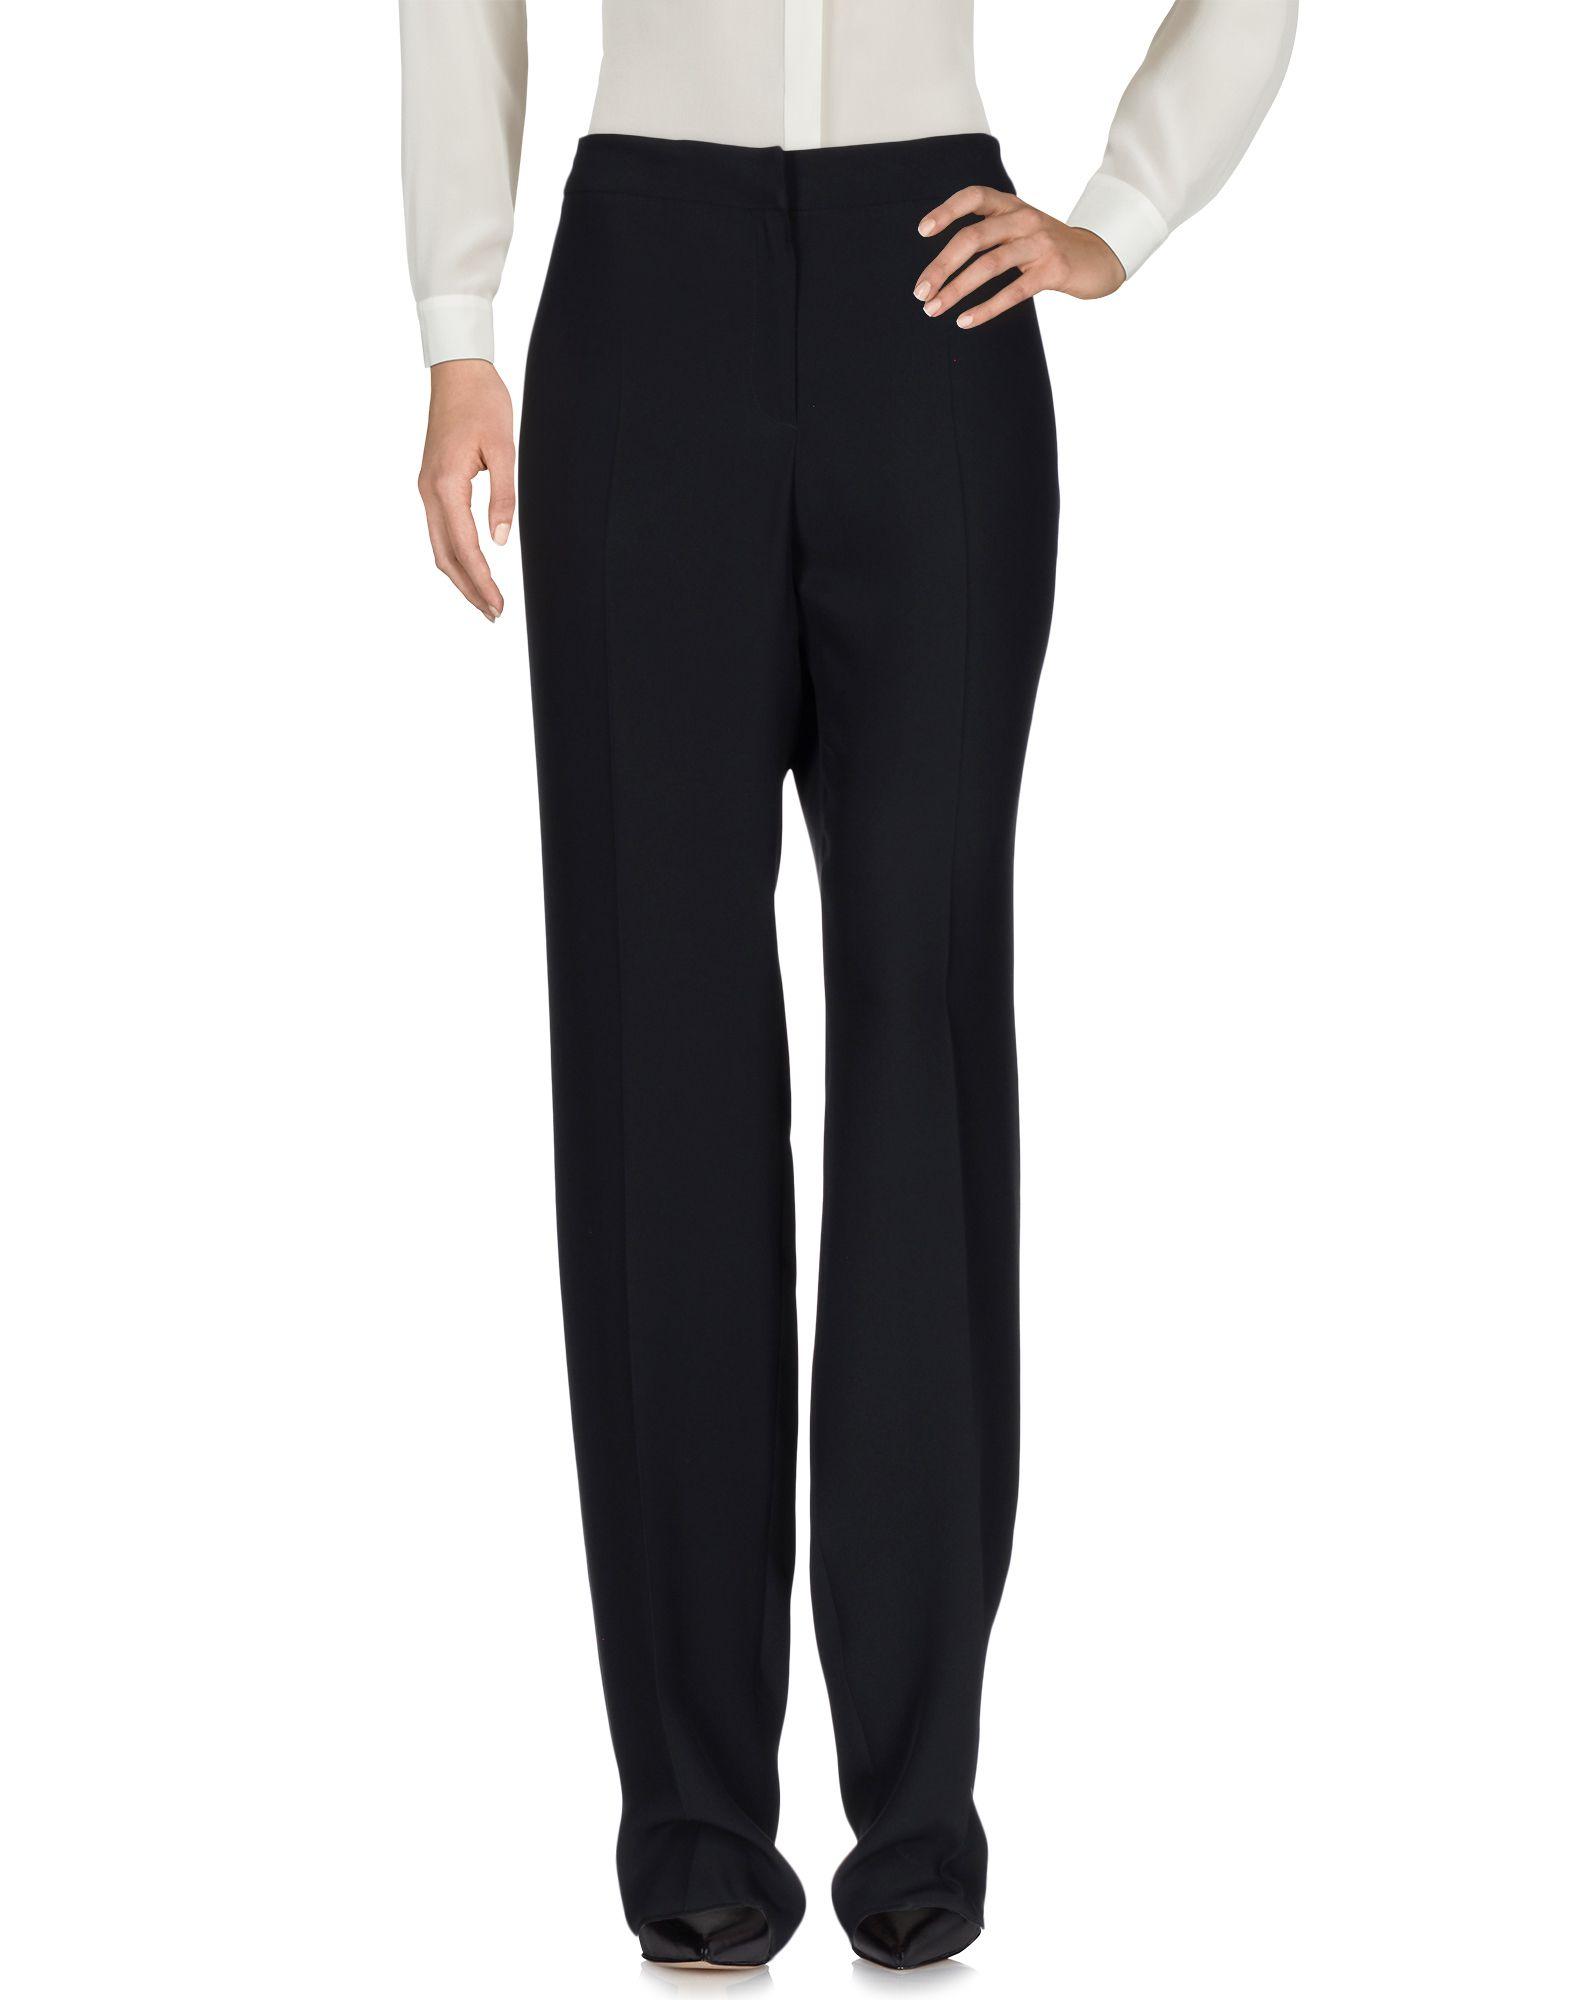 Pantalone Armani Collezioni Donna - Acquista online su dnBeD0i2D